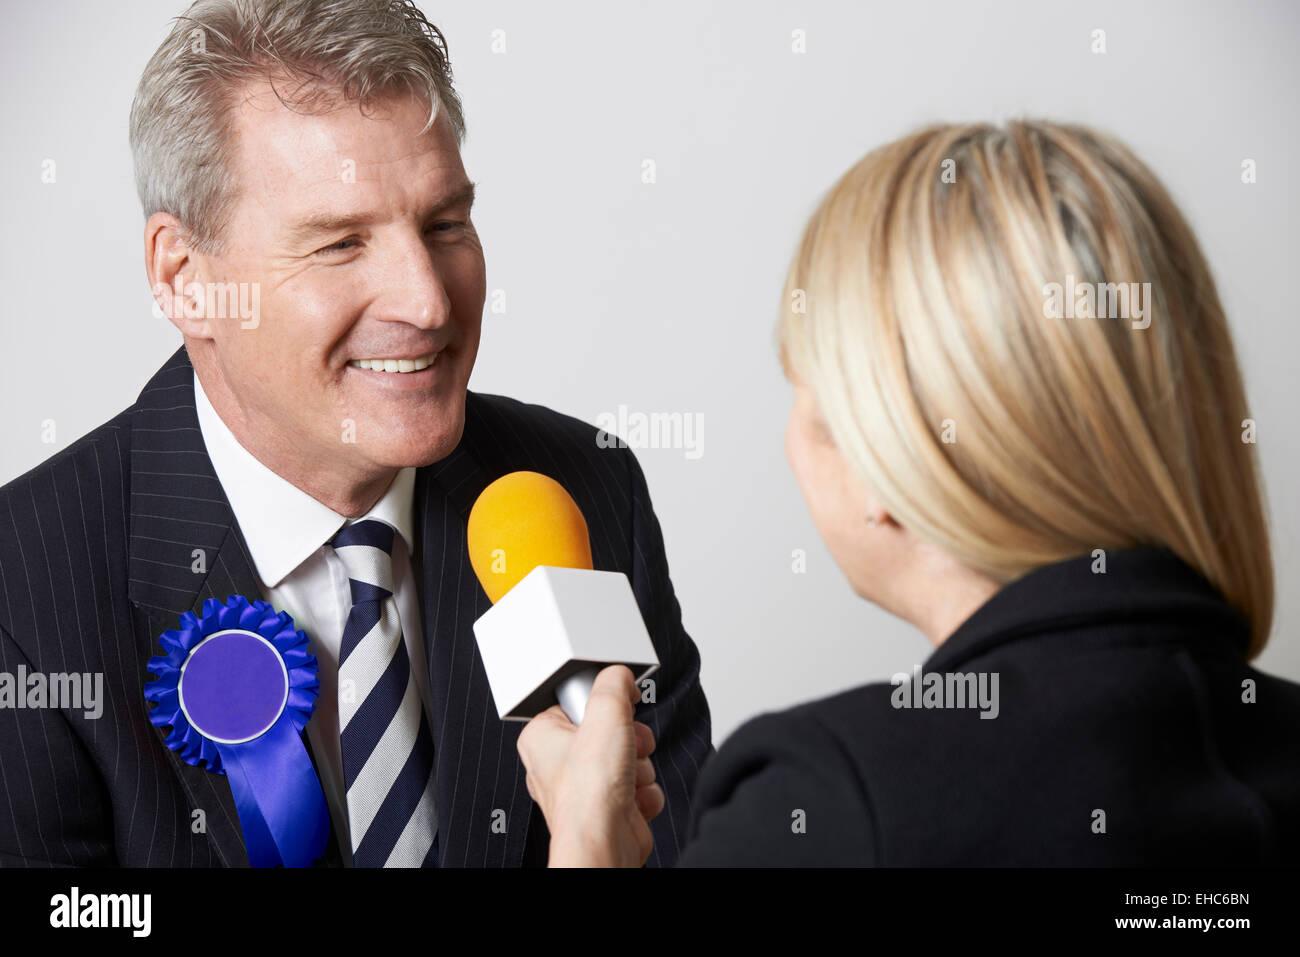 Político siendo entrevistado por el periodista durante la elección Imagen De Stock